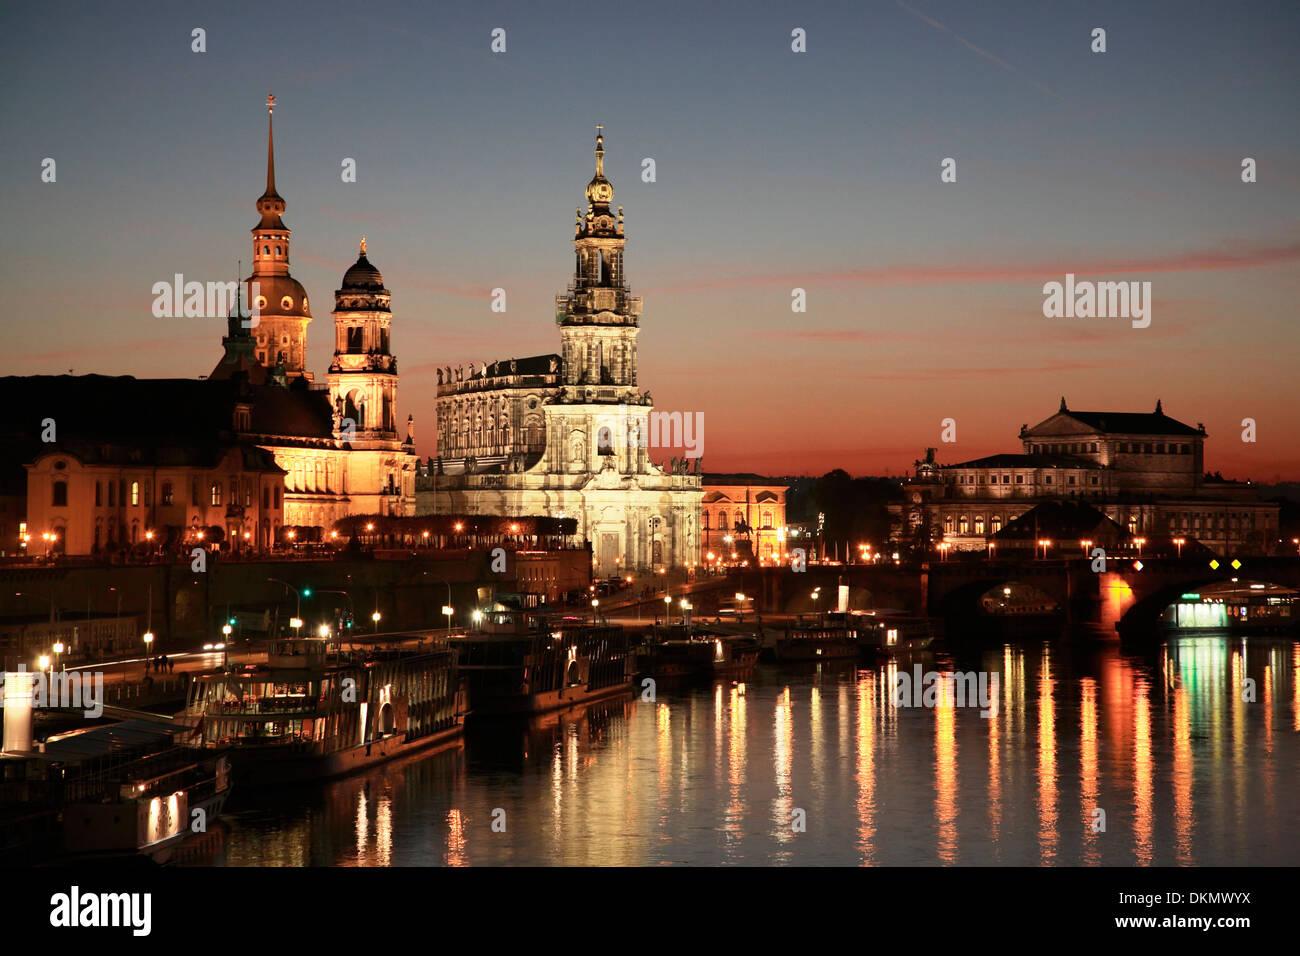 Faszinierend Skyline Dresden Das Beste Von Reflecting In The River Elbe At Night,